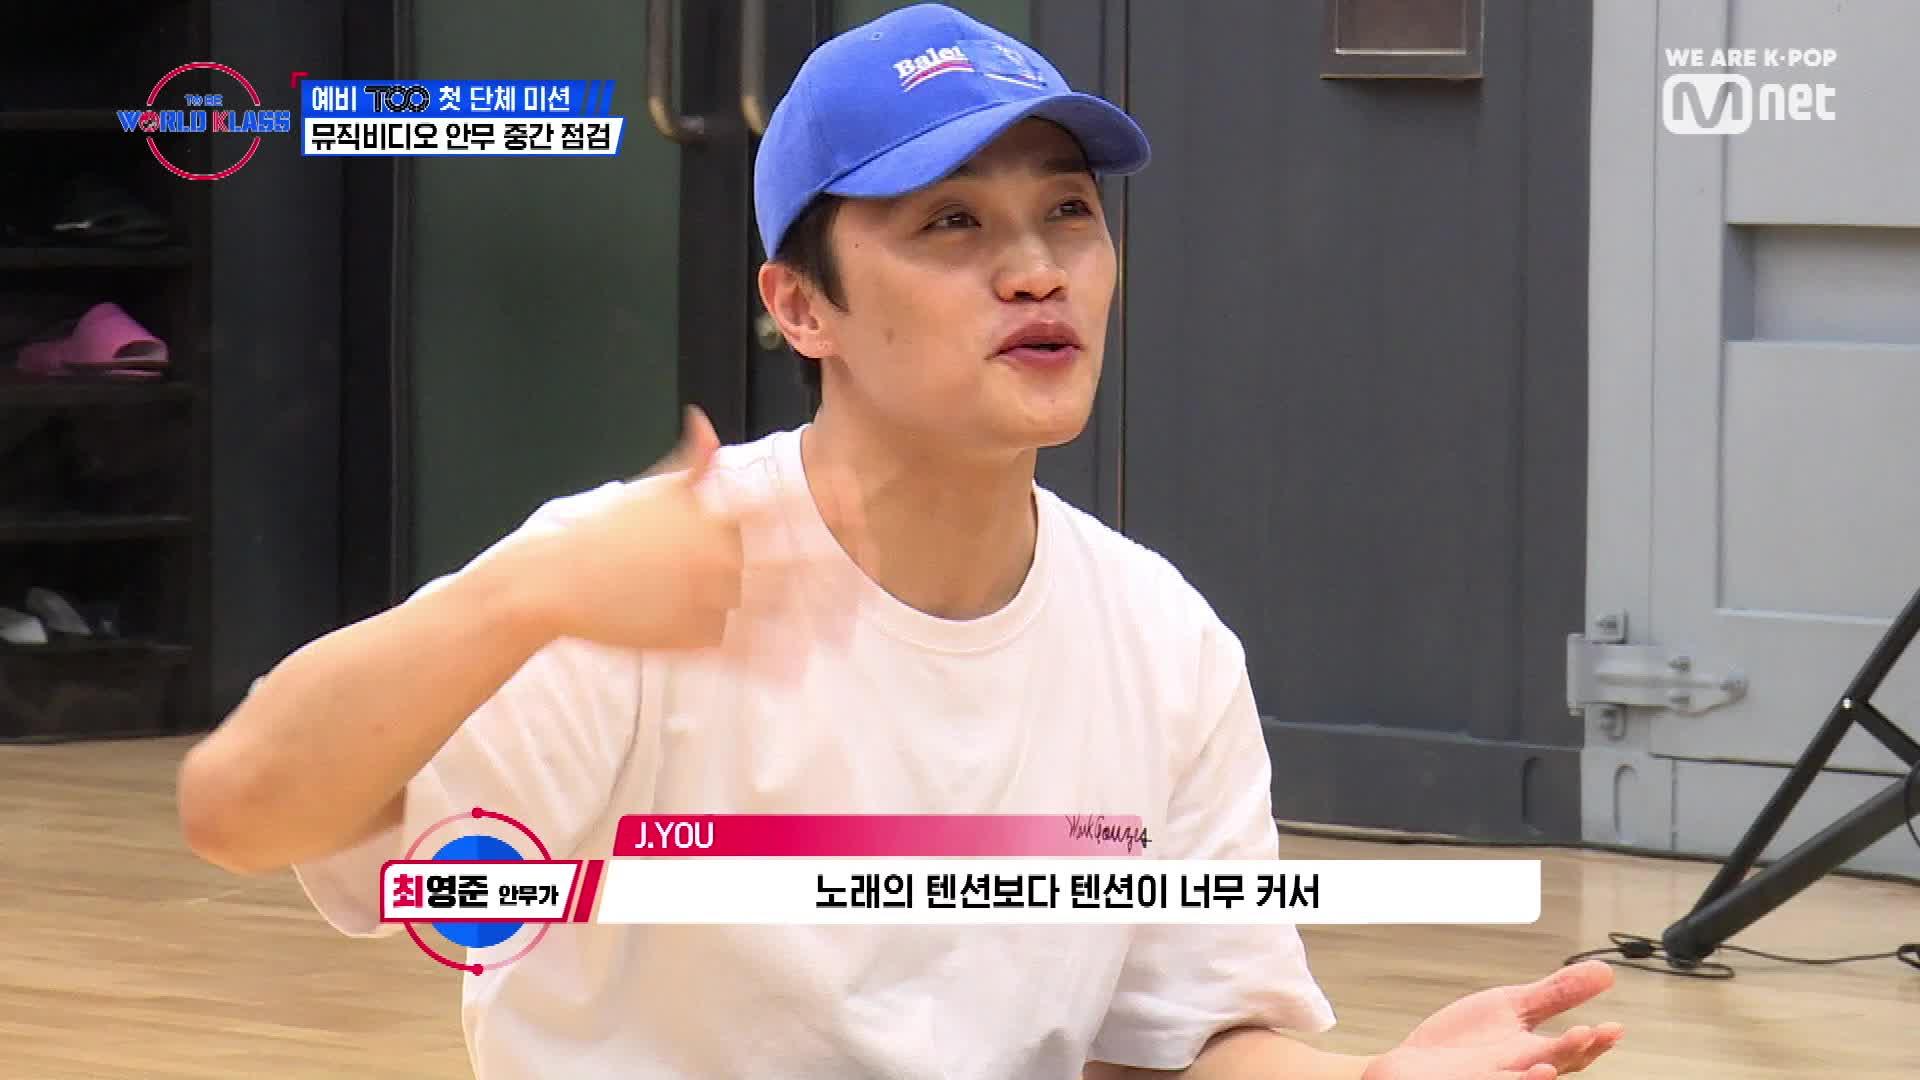 [2회] '멘붕↔저세상' 극명한 텐션 차이 ㅣ C반 안무 중간 점검